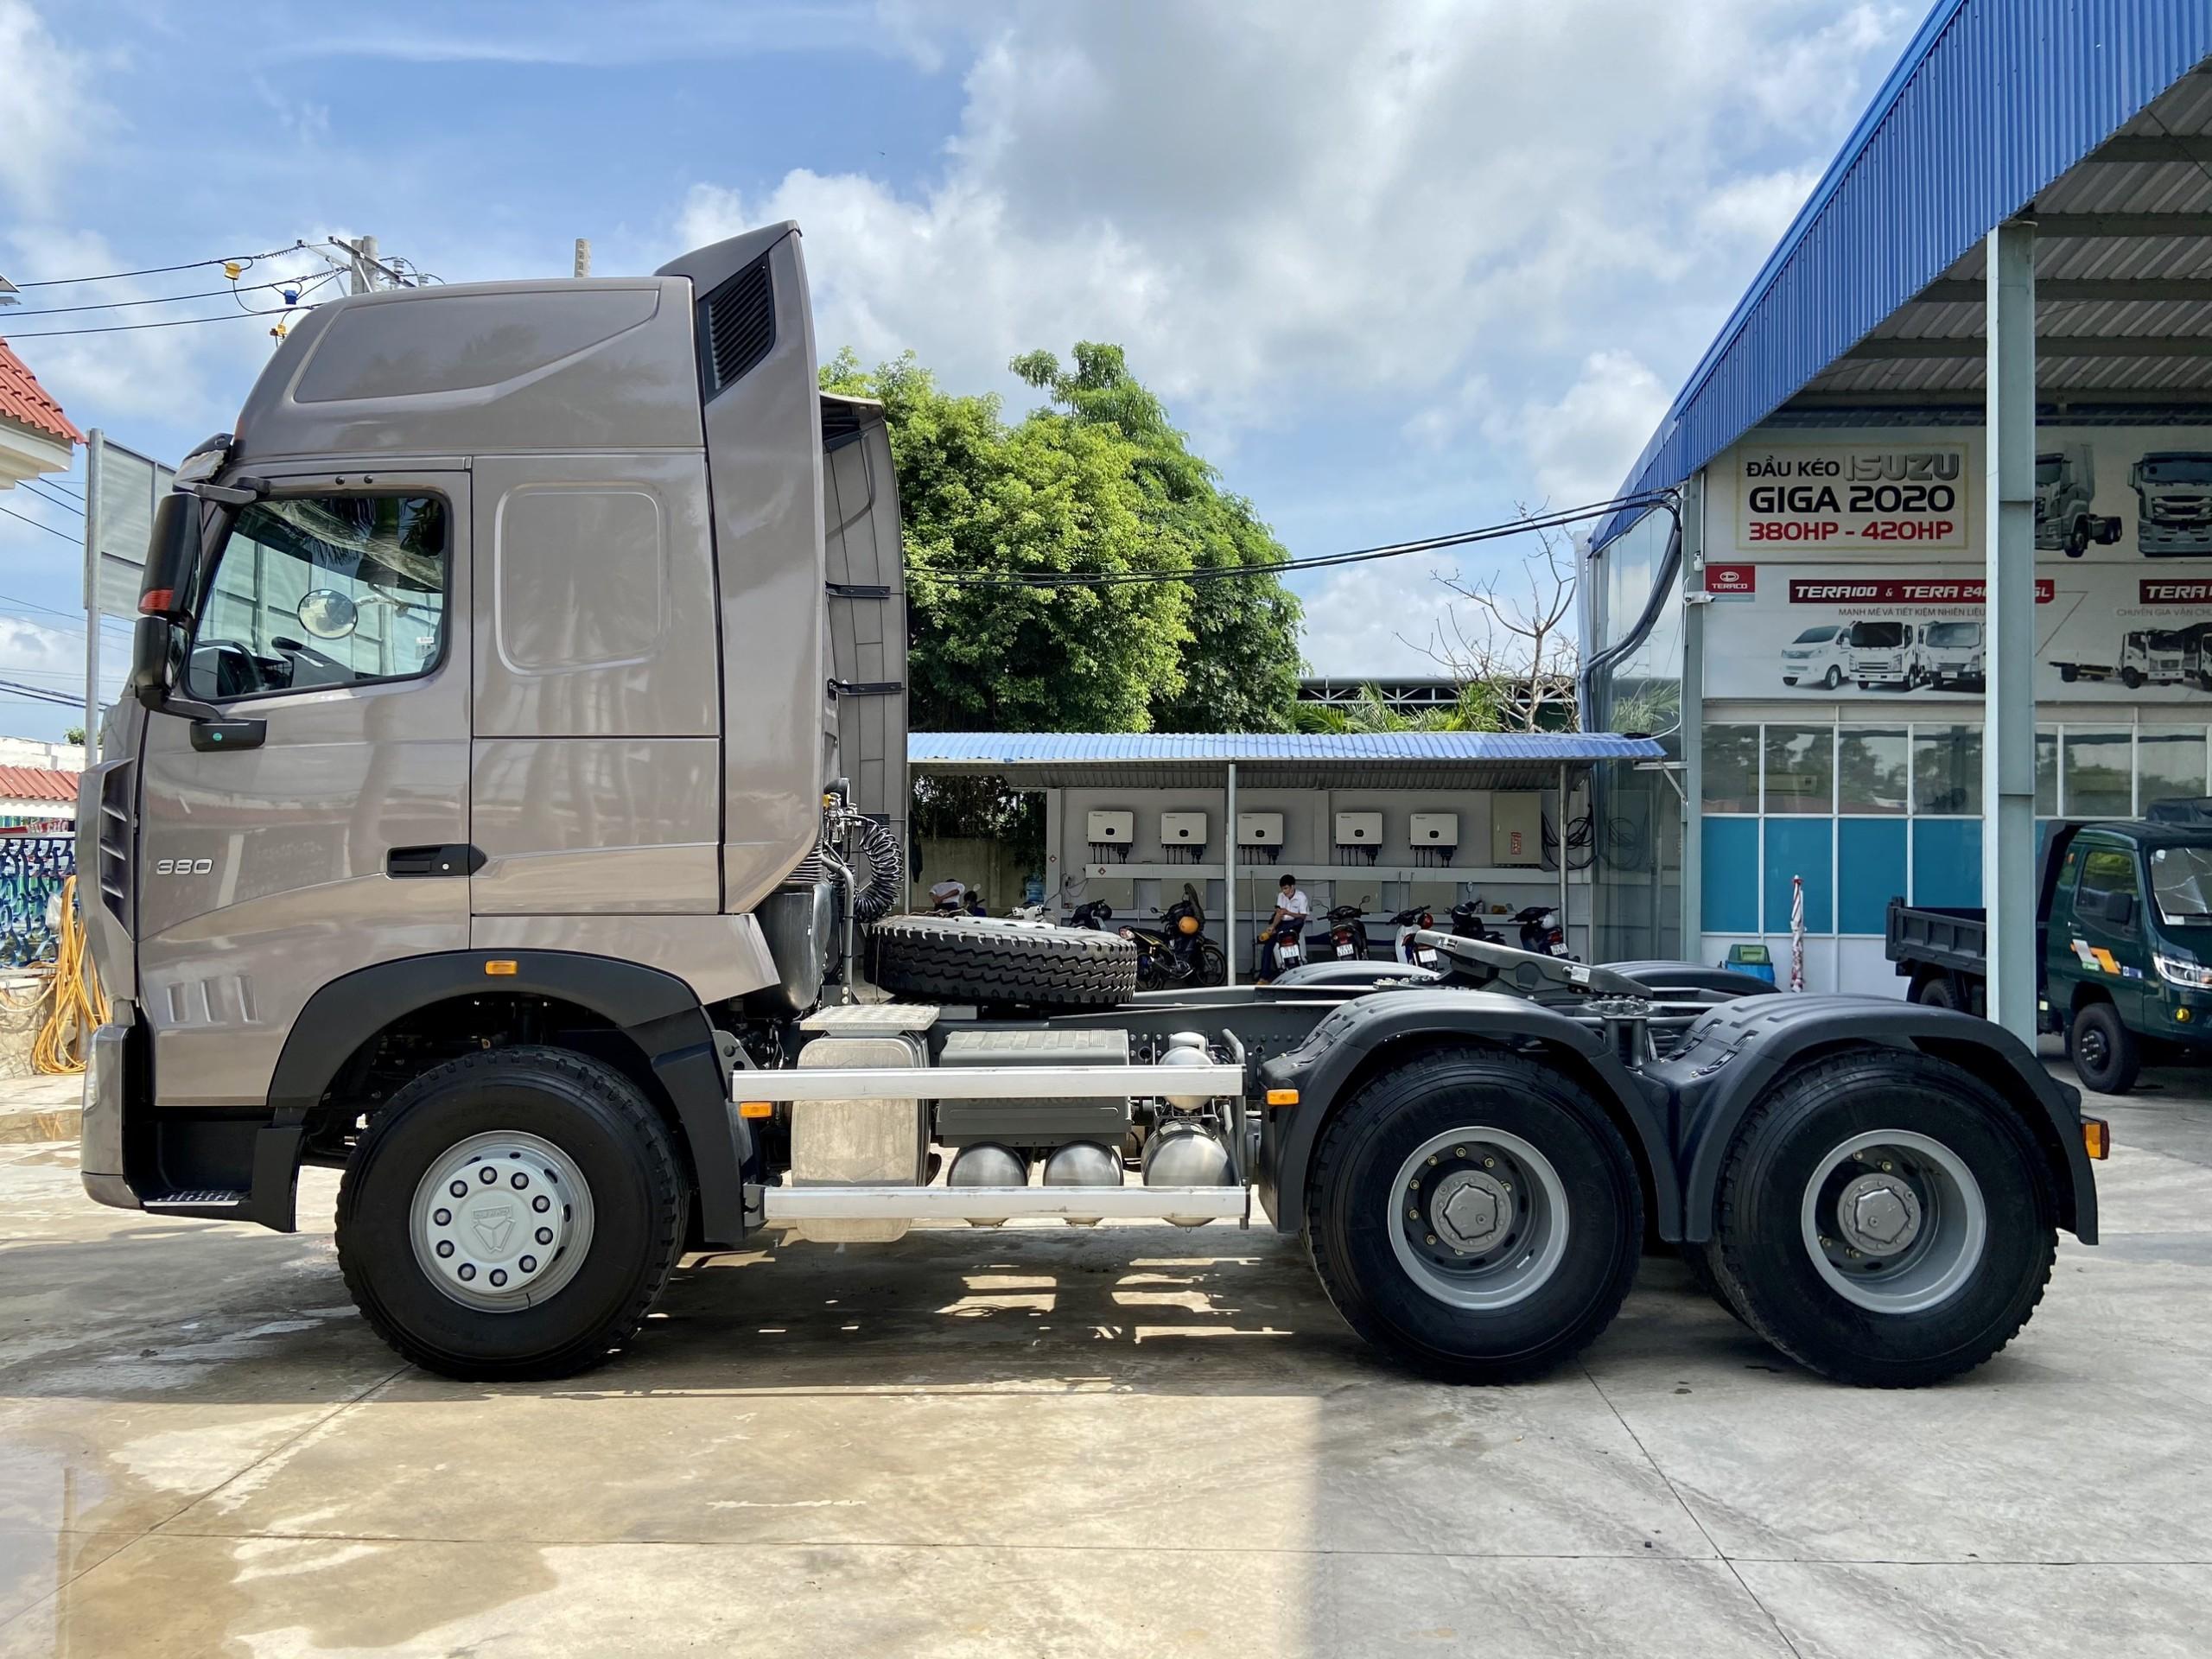 dau-keo-420-380-hp-cua-howo